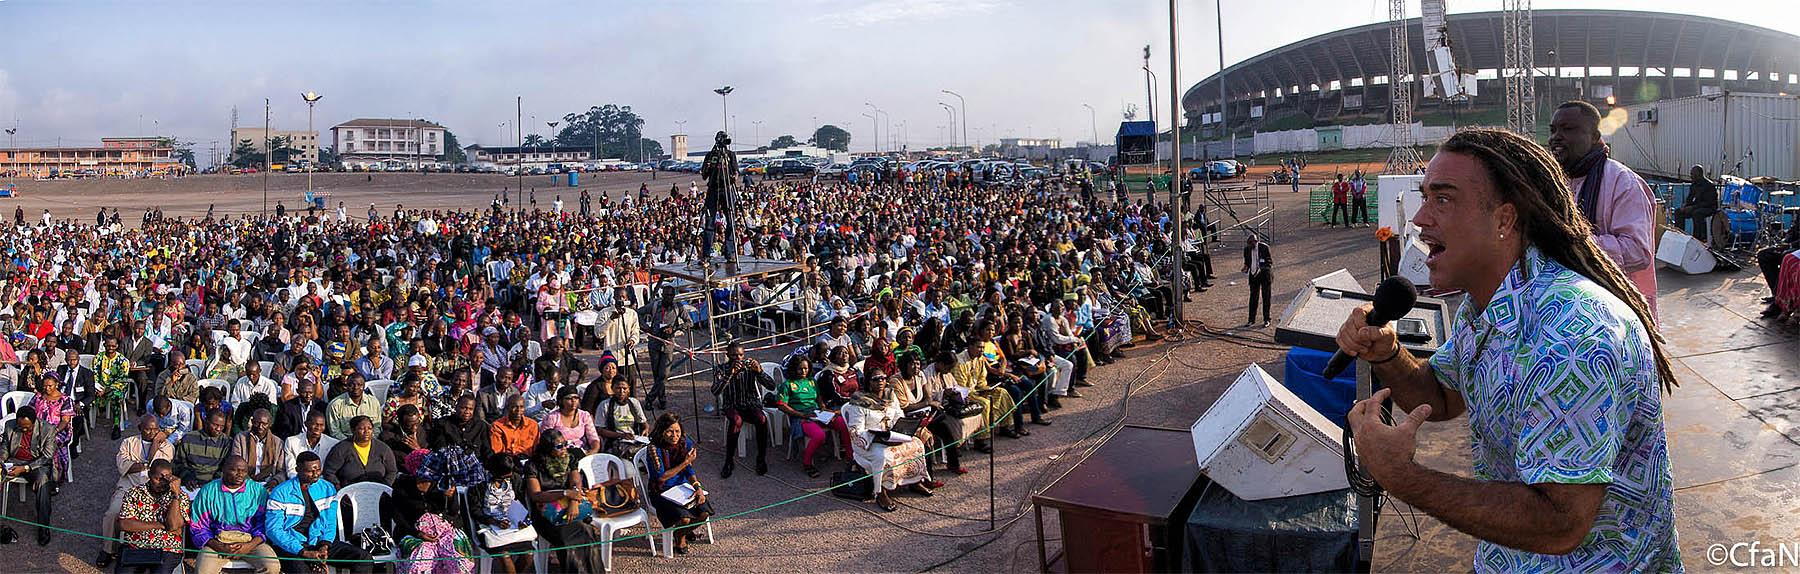 Cameroon_2013-D2FC-Big